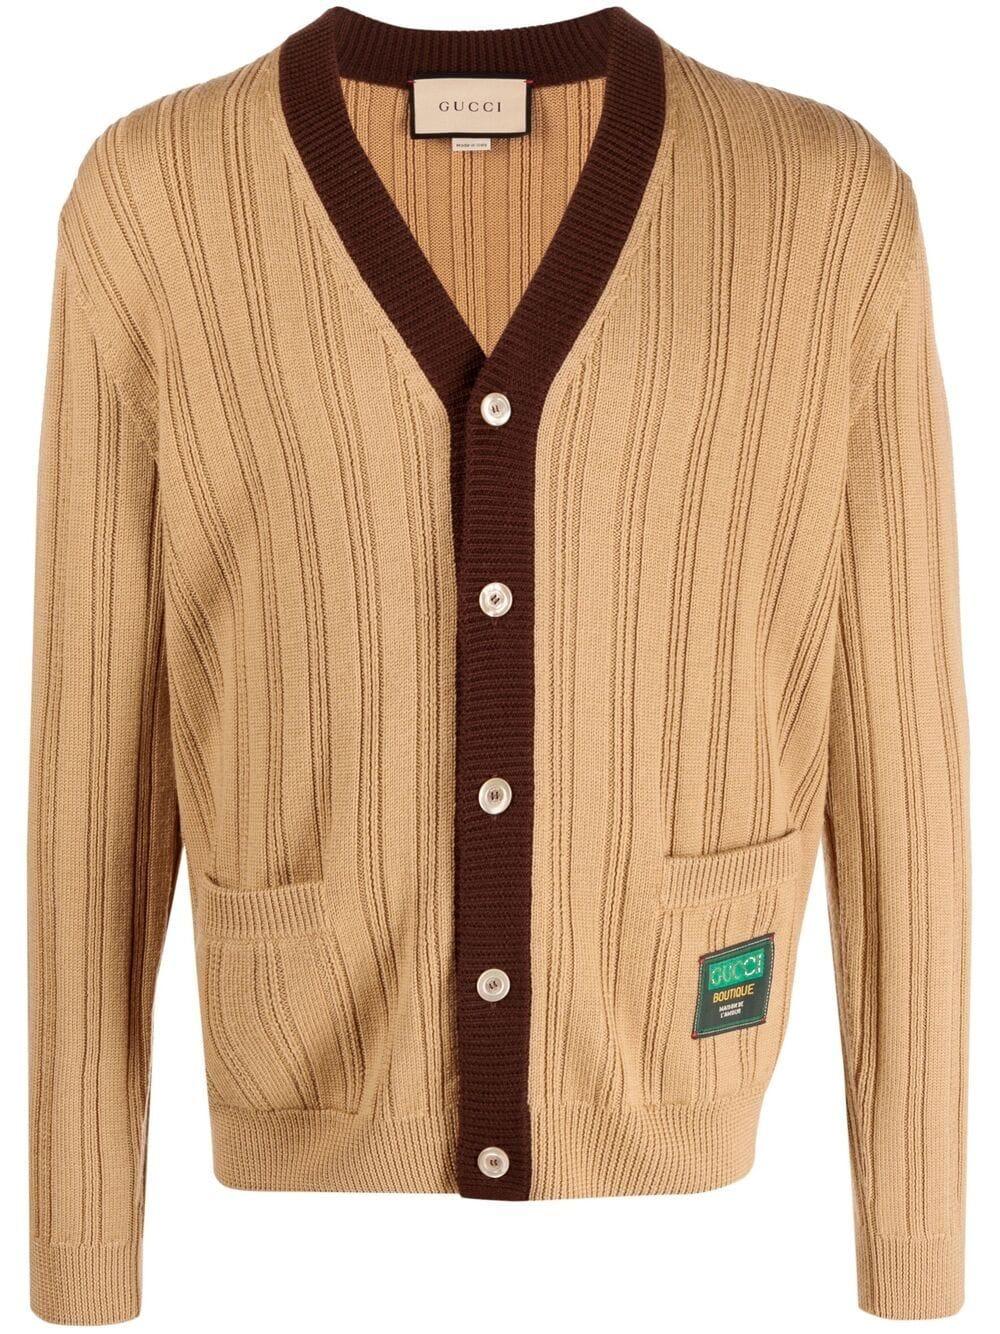 Cardigan in lana marrone cammello con lavorazione a coste e scollo a V GUCCI | Cardigan | 646809-XKBQT2668